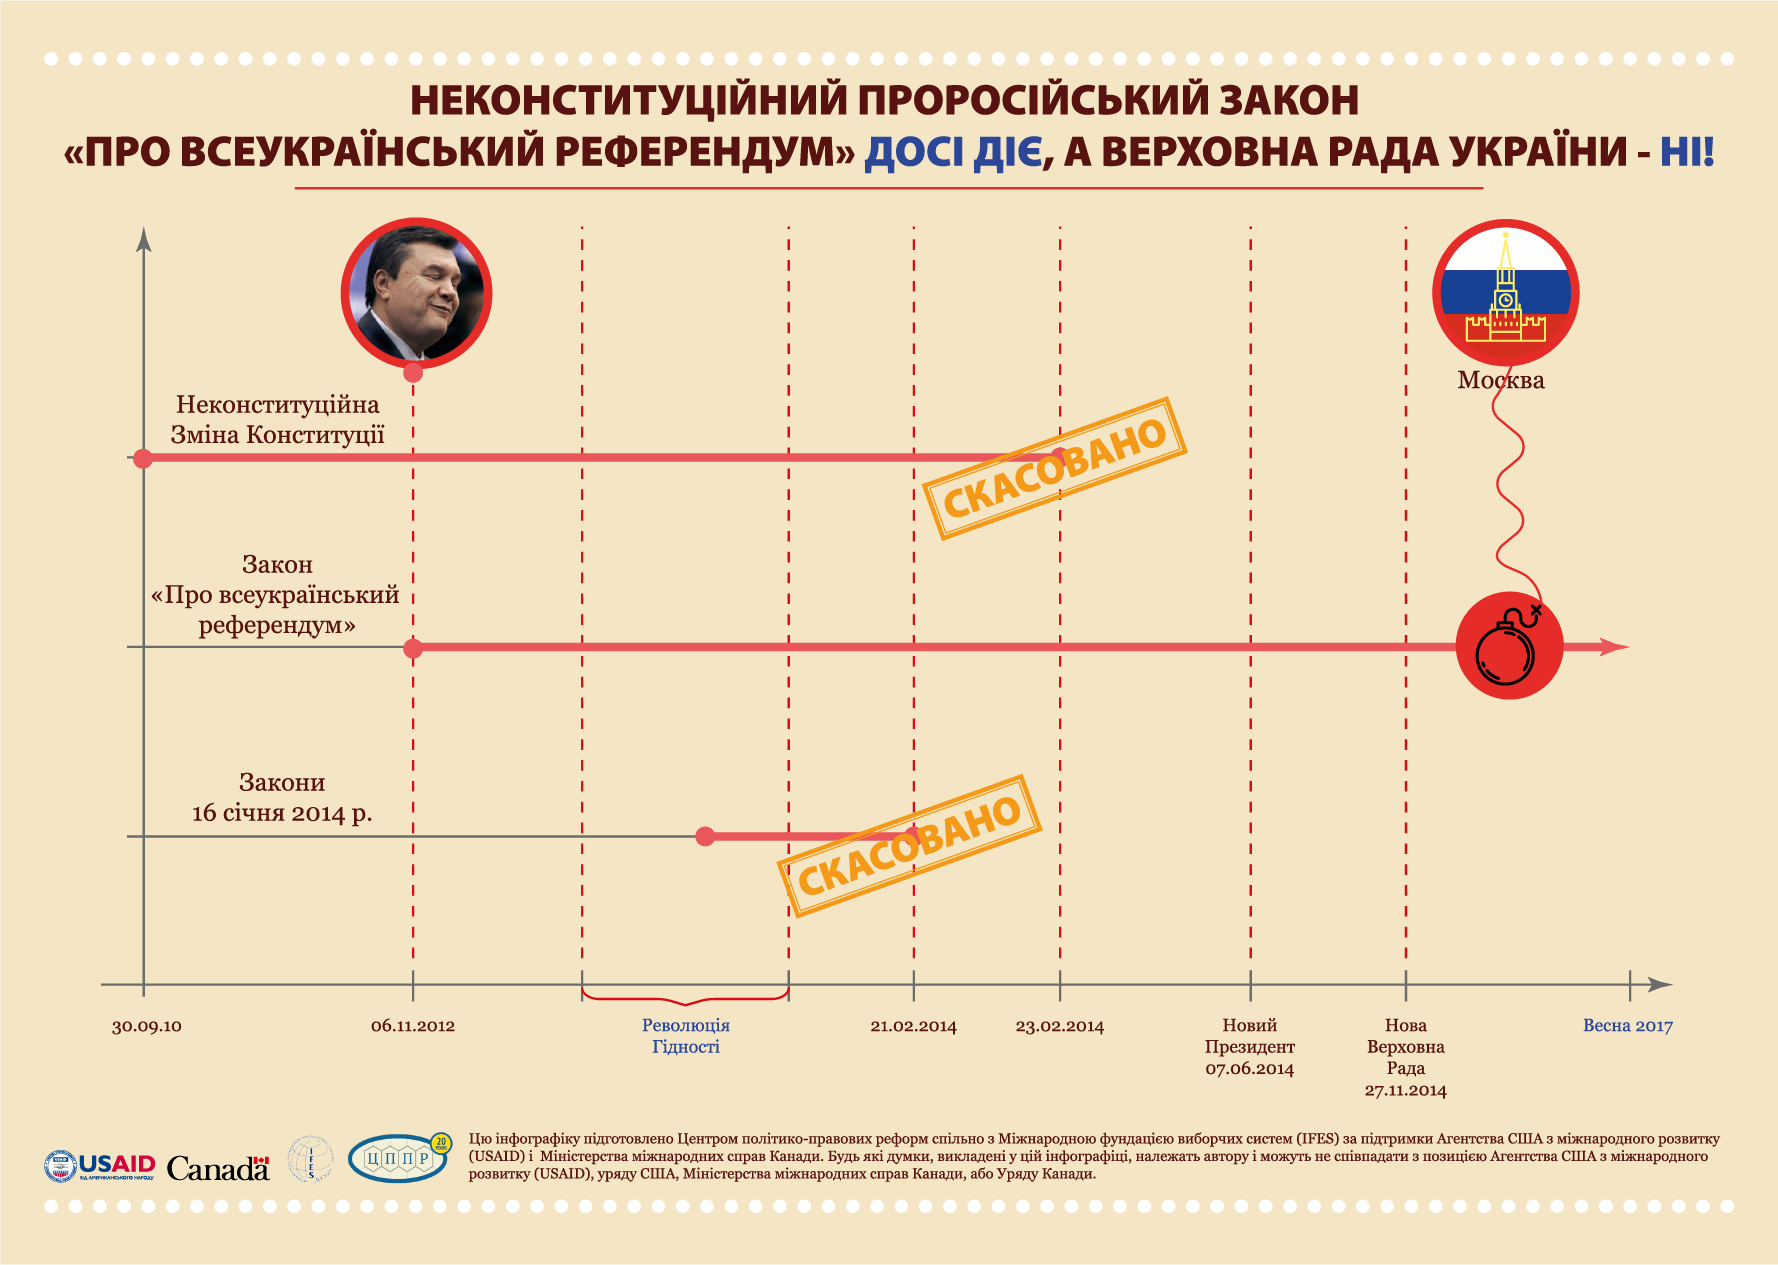 Инфографика 1 - Референдум